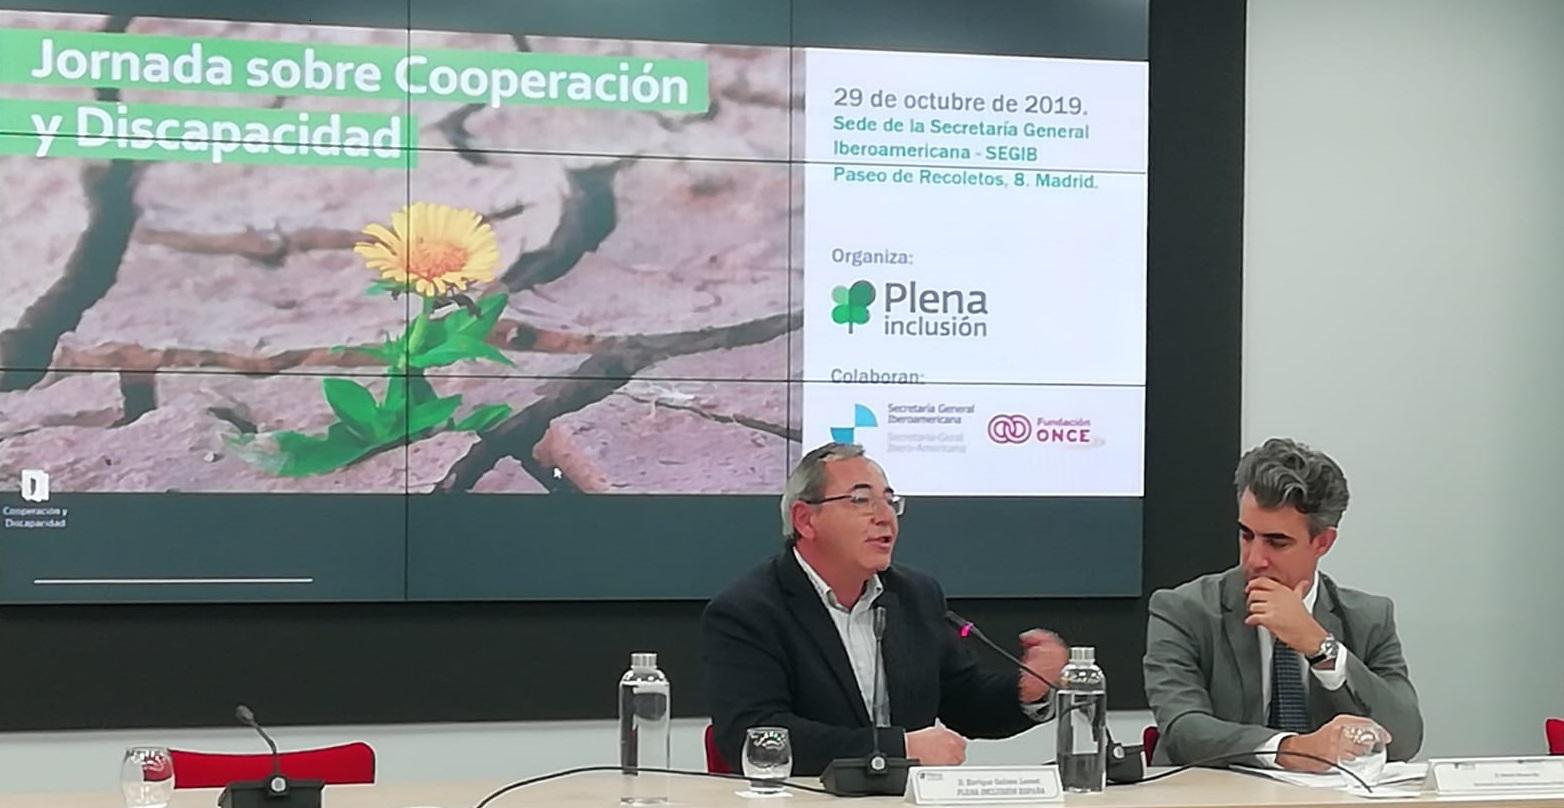 Ir a : Plena inclusión analiza en Madrid diferentes proyectos de cooperación y discapacidad